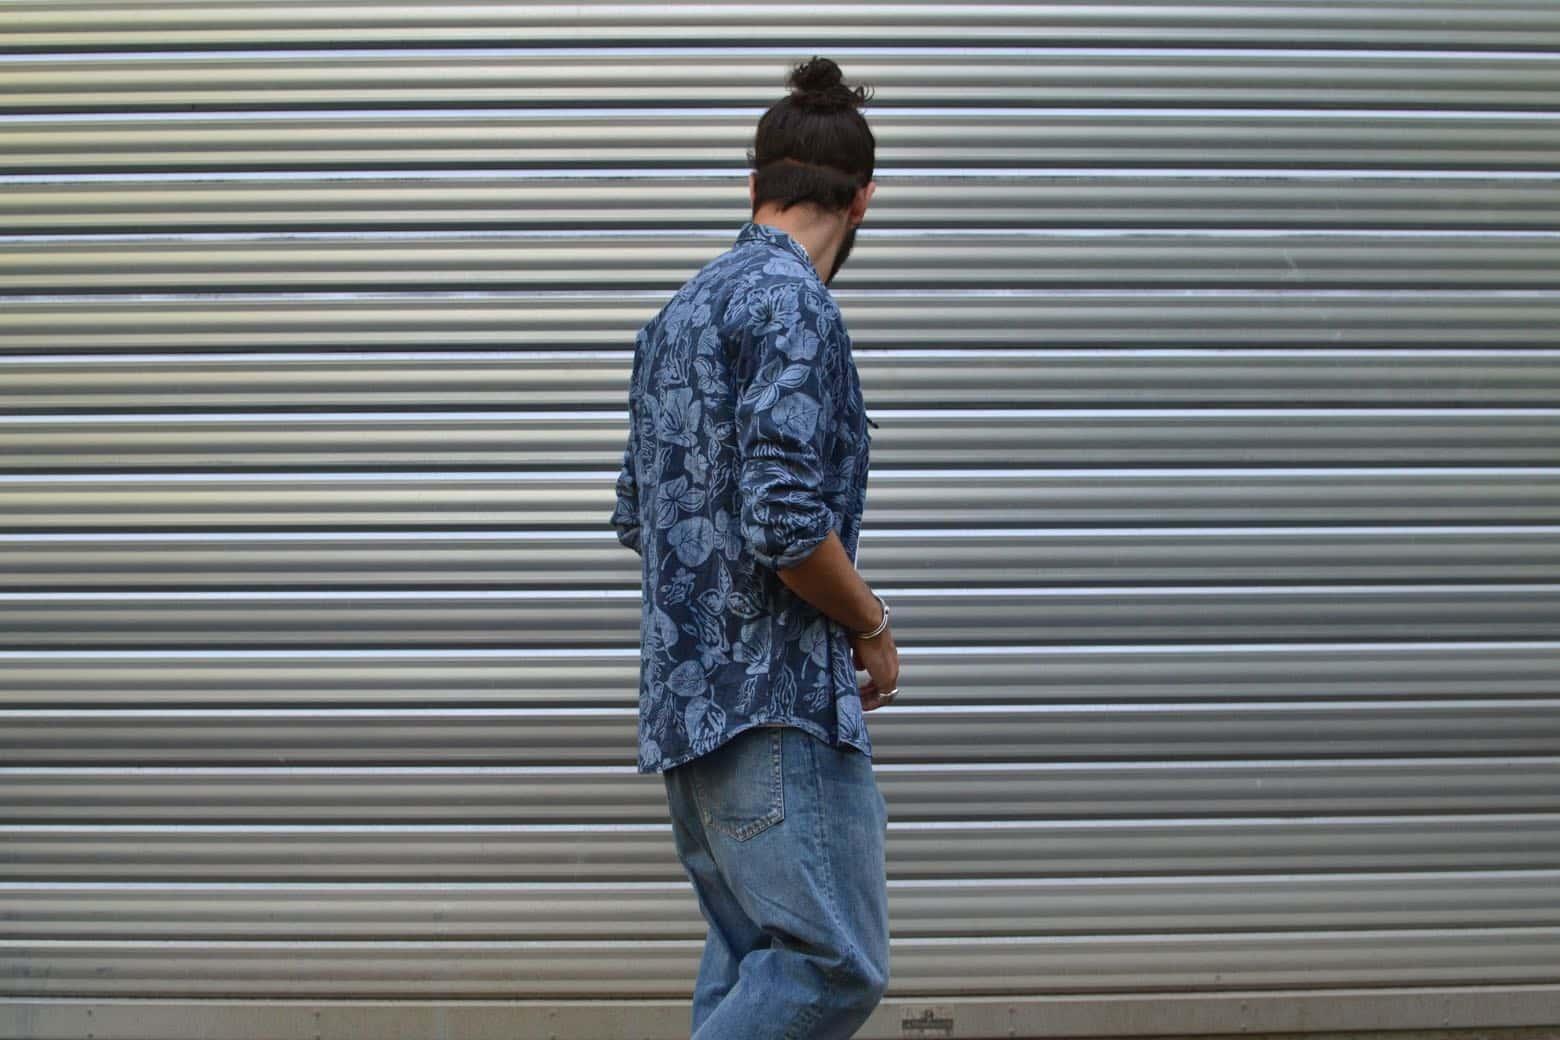 idée de look avec jean bleach coupe tapered une chemise en chambrau Our Legacy floral shirt